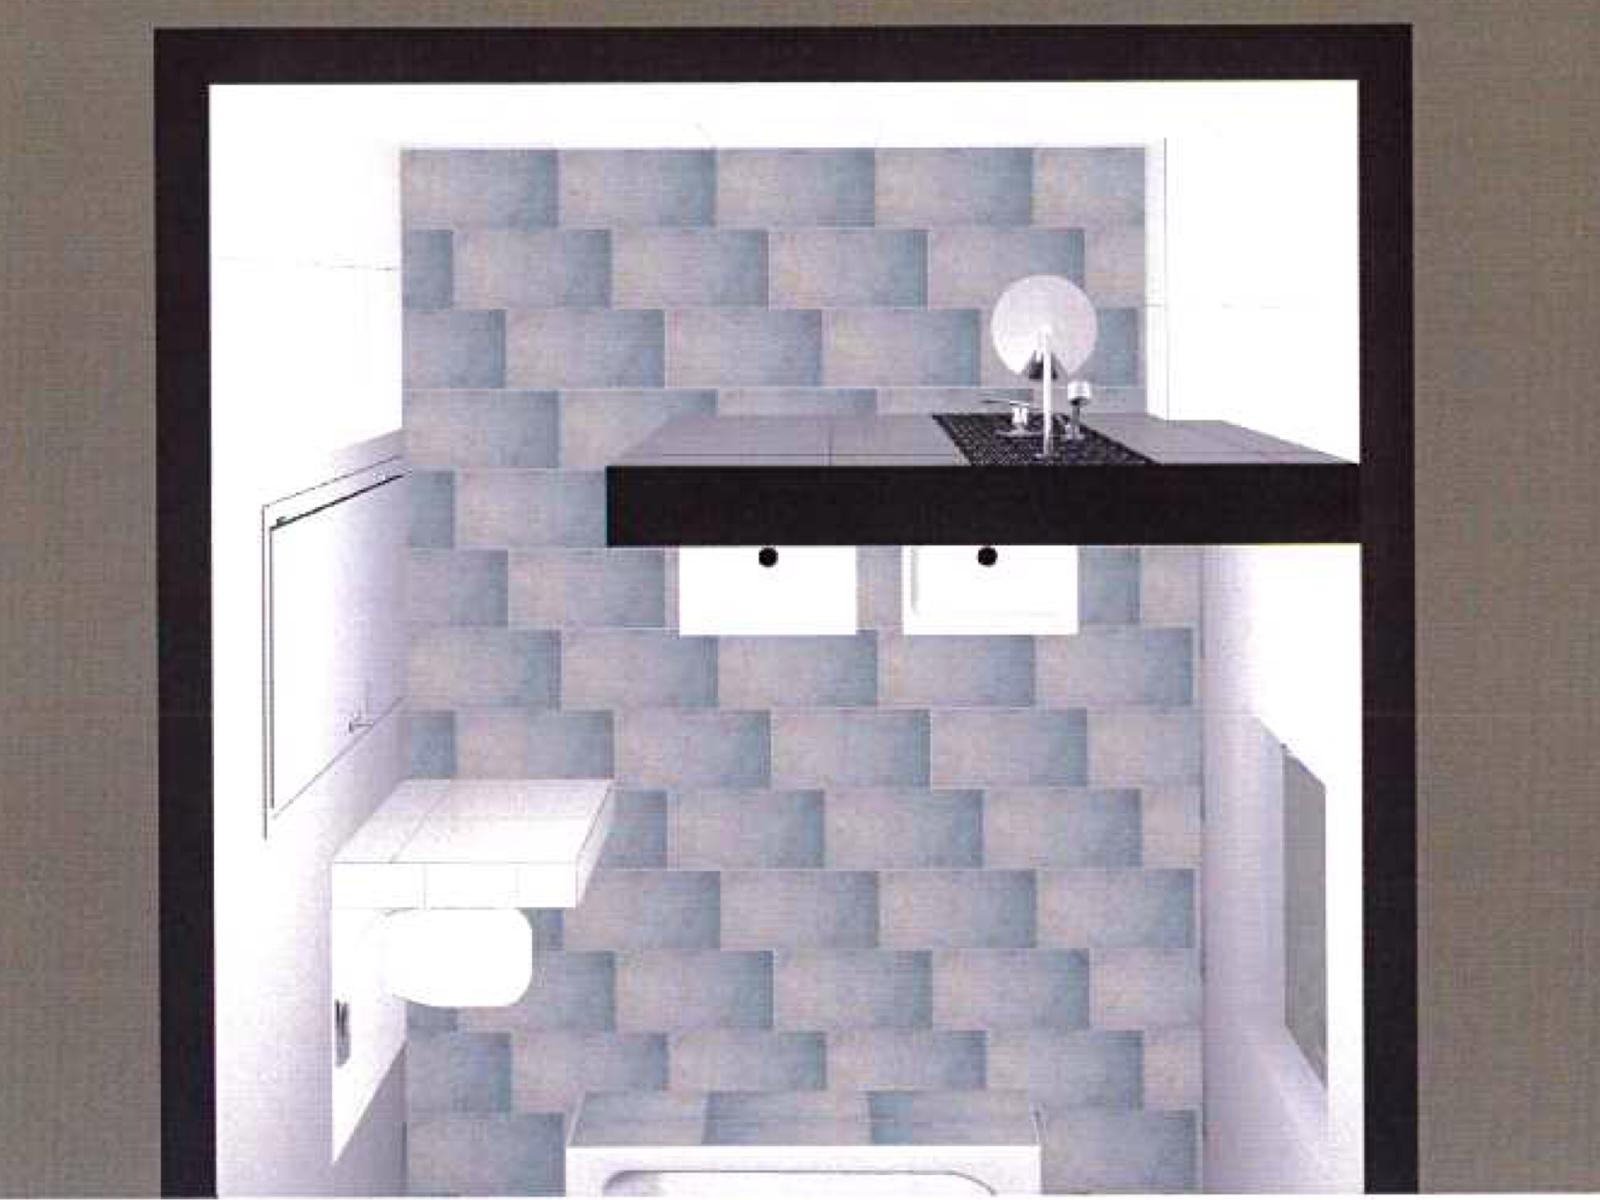 Ikea Hochbett Tromsö Neupreis ~ VIO 302 von FingerHaus in Wuppertal  Unser Bautagebuch Bemusterung